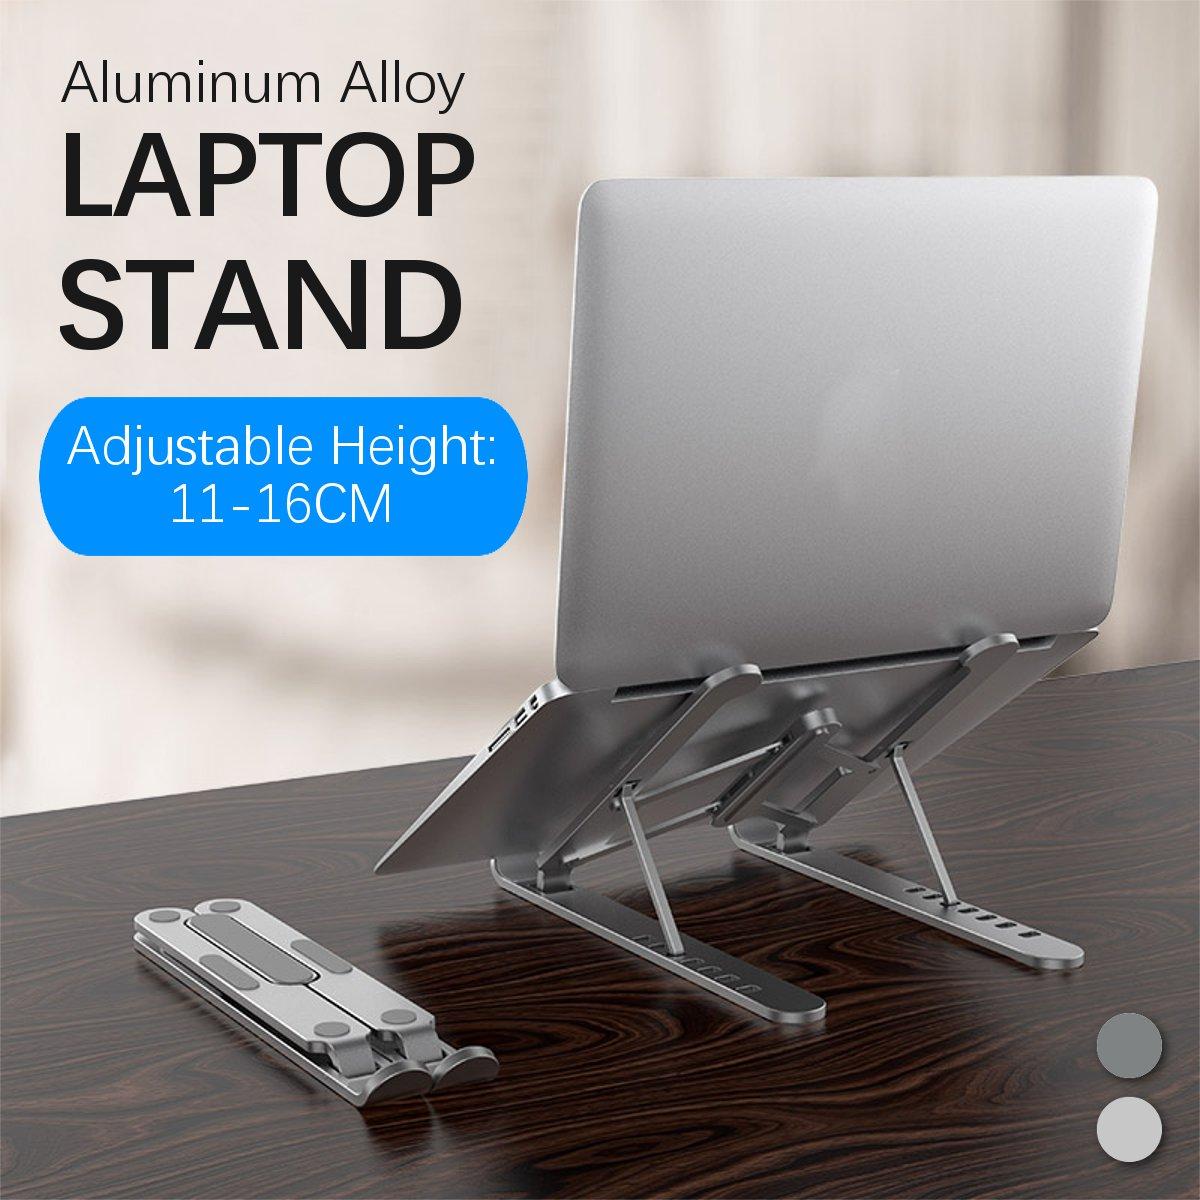 Suporte portátil dobrável 7 níveis ajustável notebook titular liga de alumínio tablet suporte riser para macbook/lenovo/samsung pc